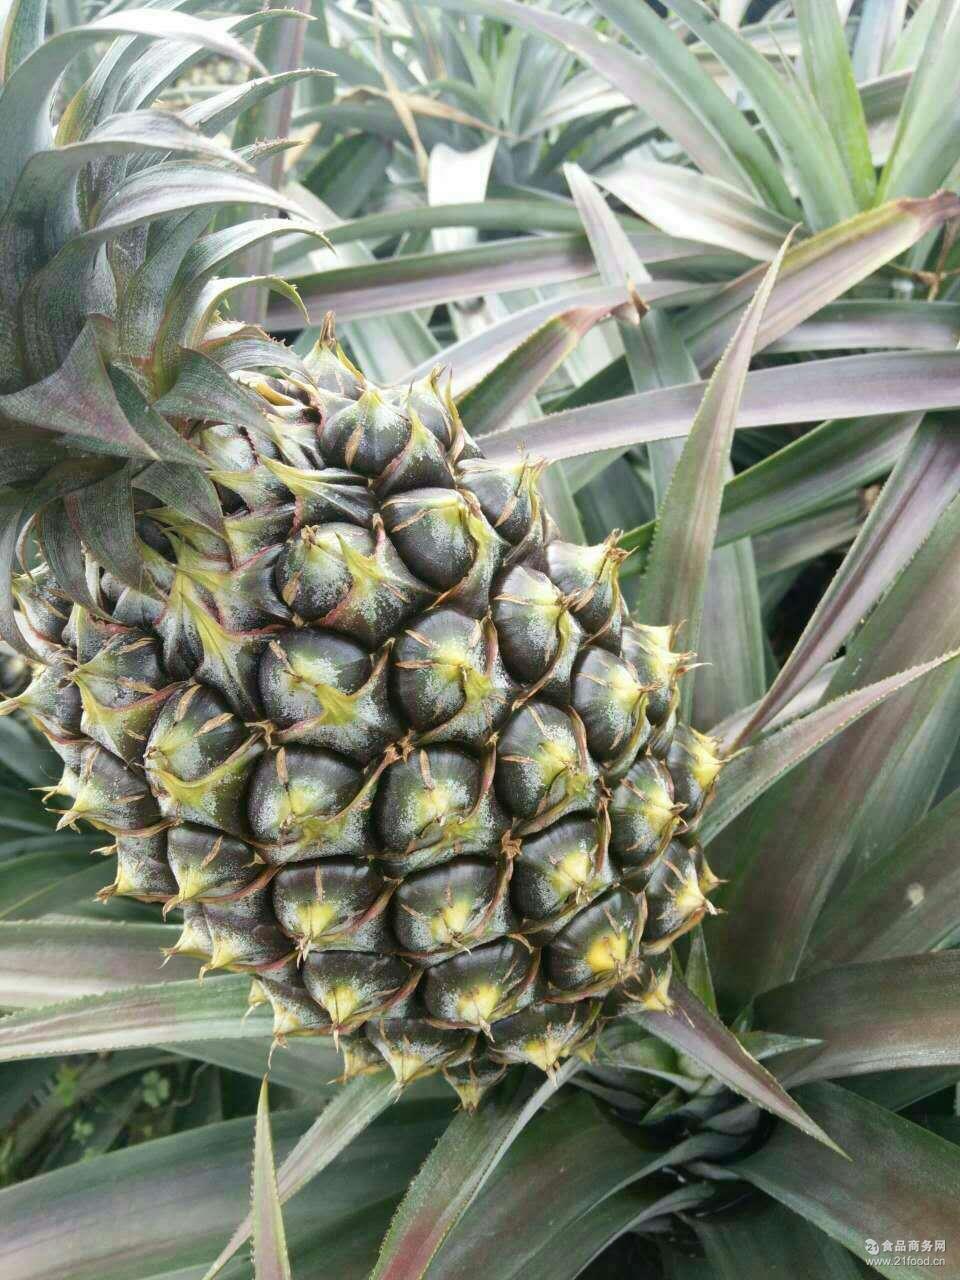 现货批发 凤梨 生鲜 水果 特产 绿色食品 甜 纯天然无公害